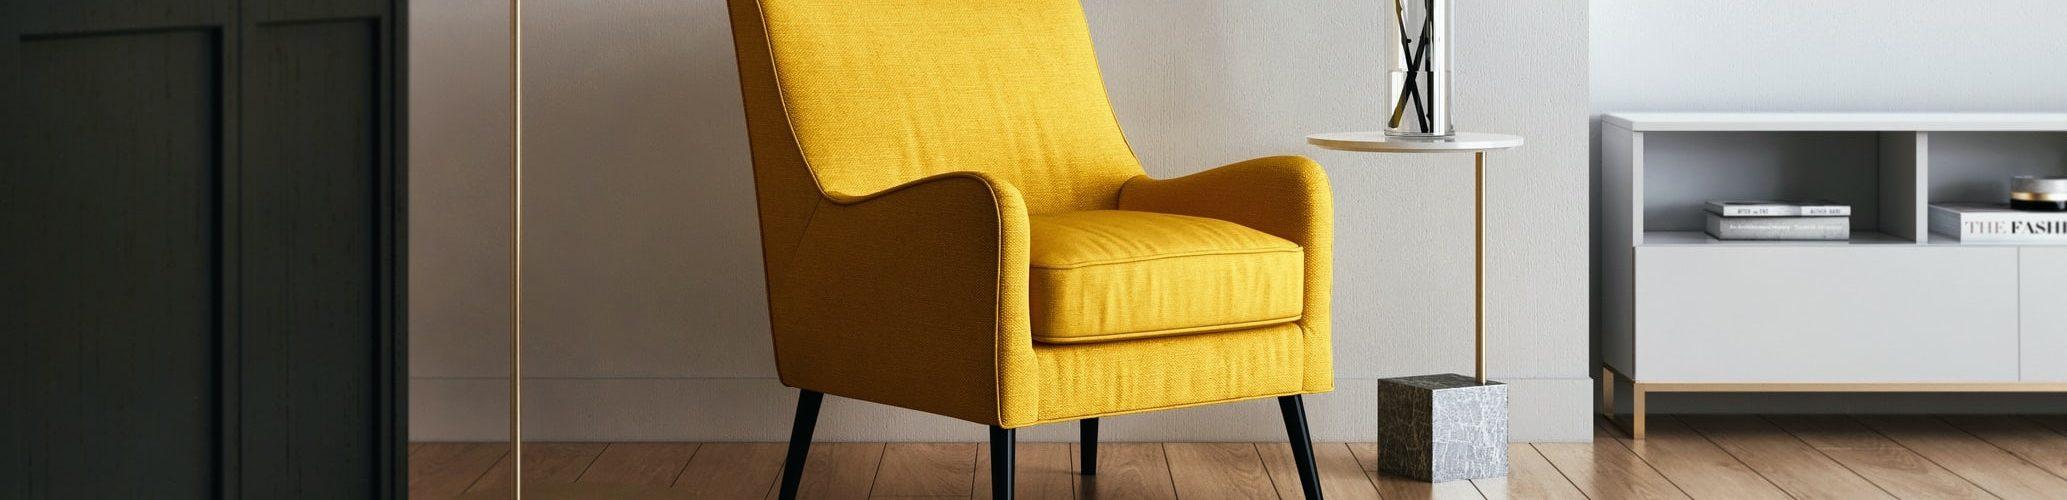 stoel-geel-woonkamer